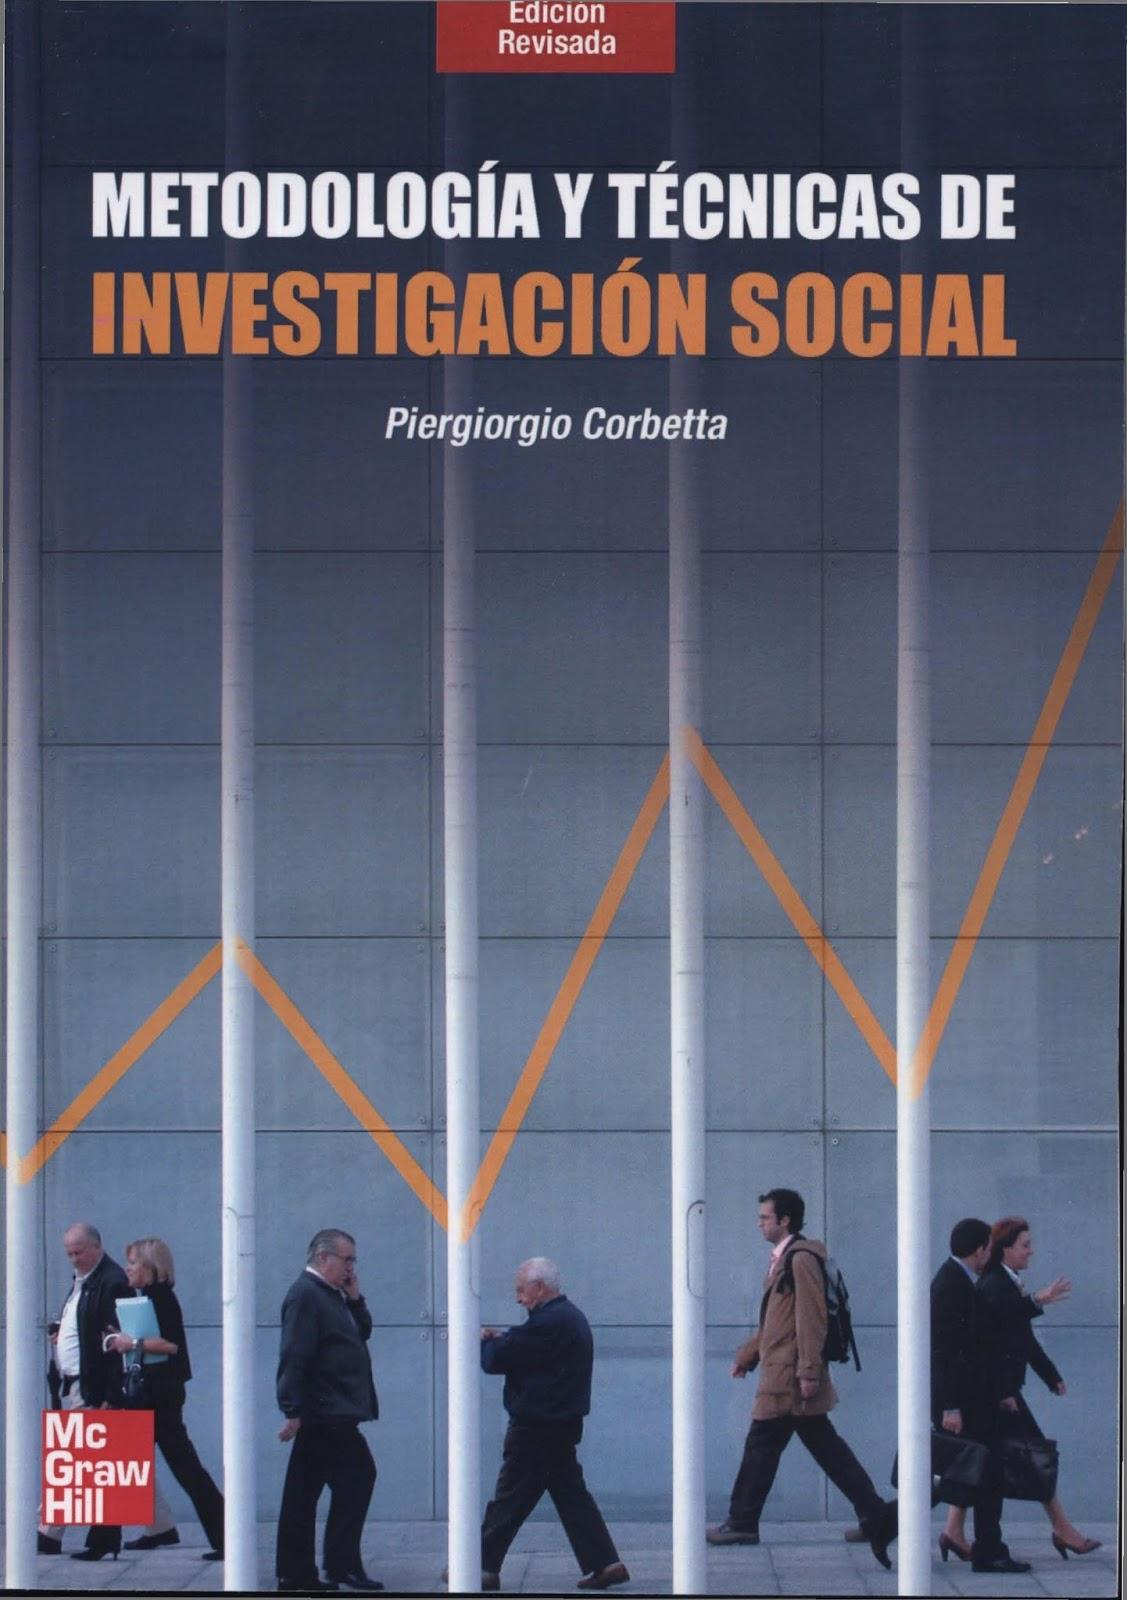 Metodología y técnicas de investigación social – Piergiorgio Corbetta